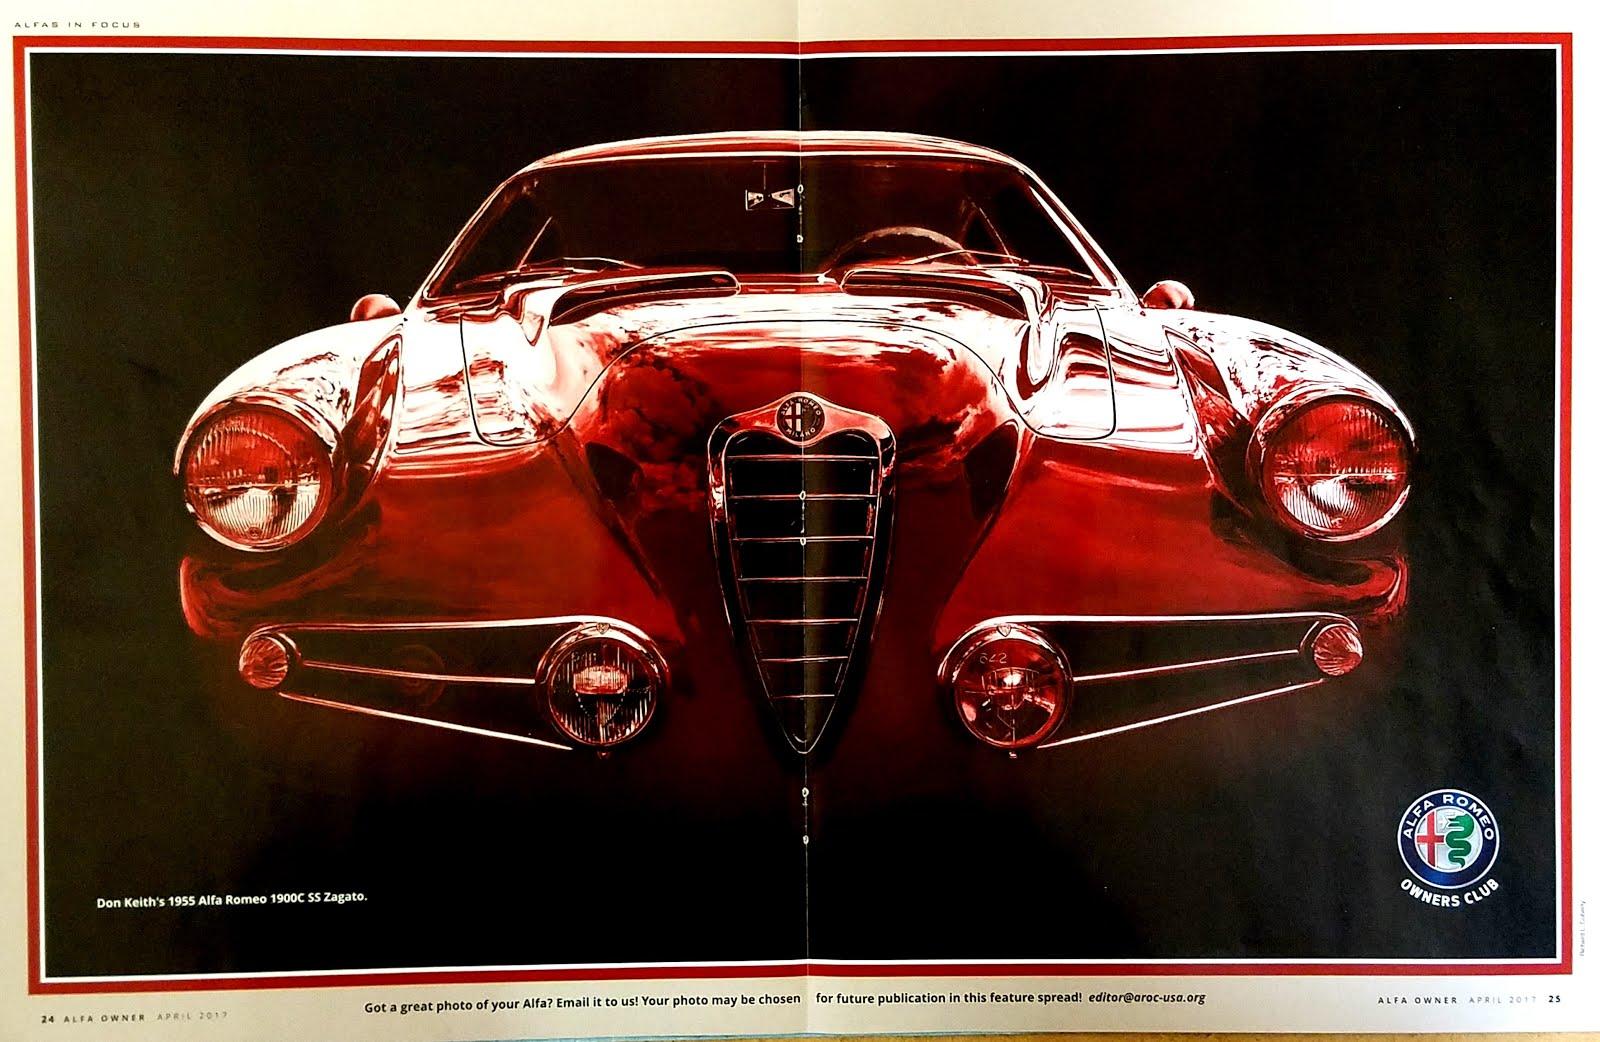 Wiring Diagram For S4 Spider Veloce Alfa Romeo Bulletin Board